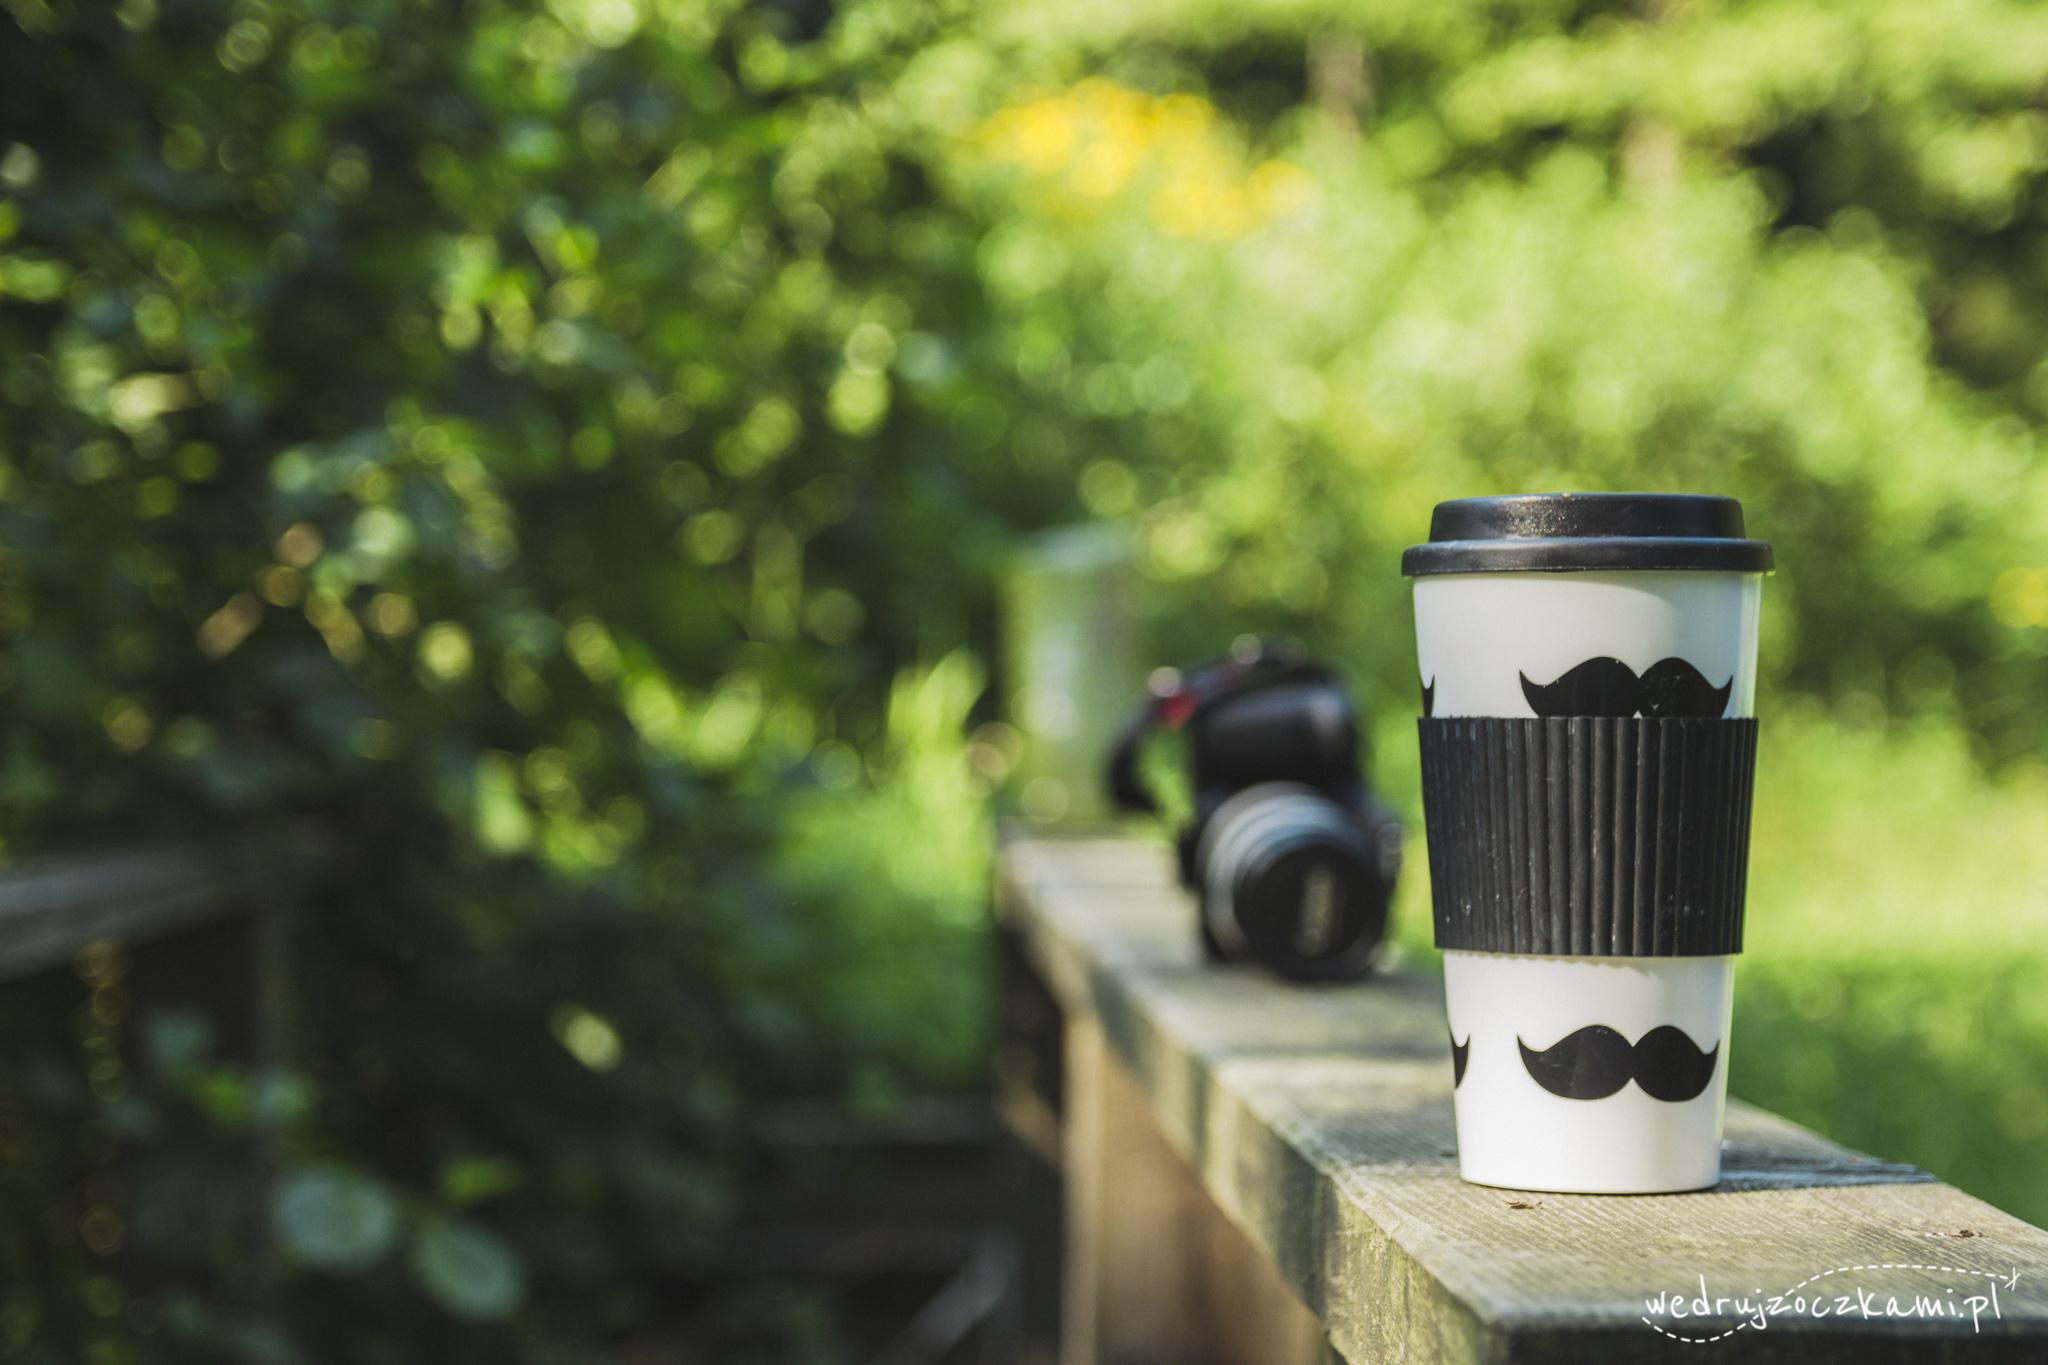 Kawka z aparatem, kawka chyba zawsze najważniejsza ;)